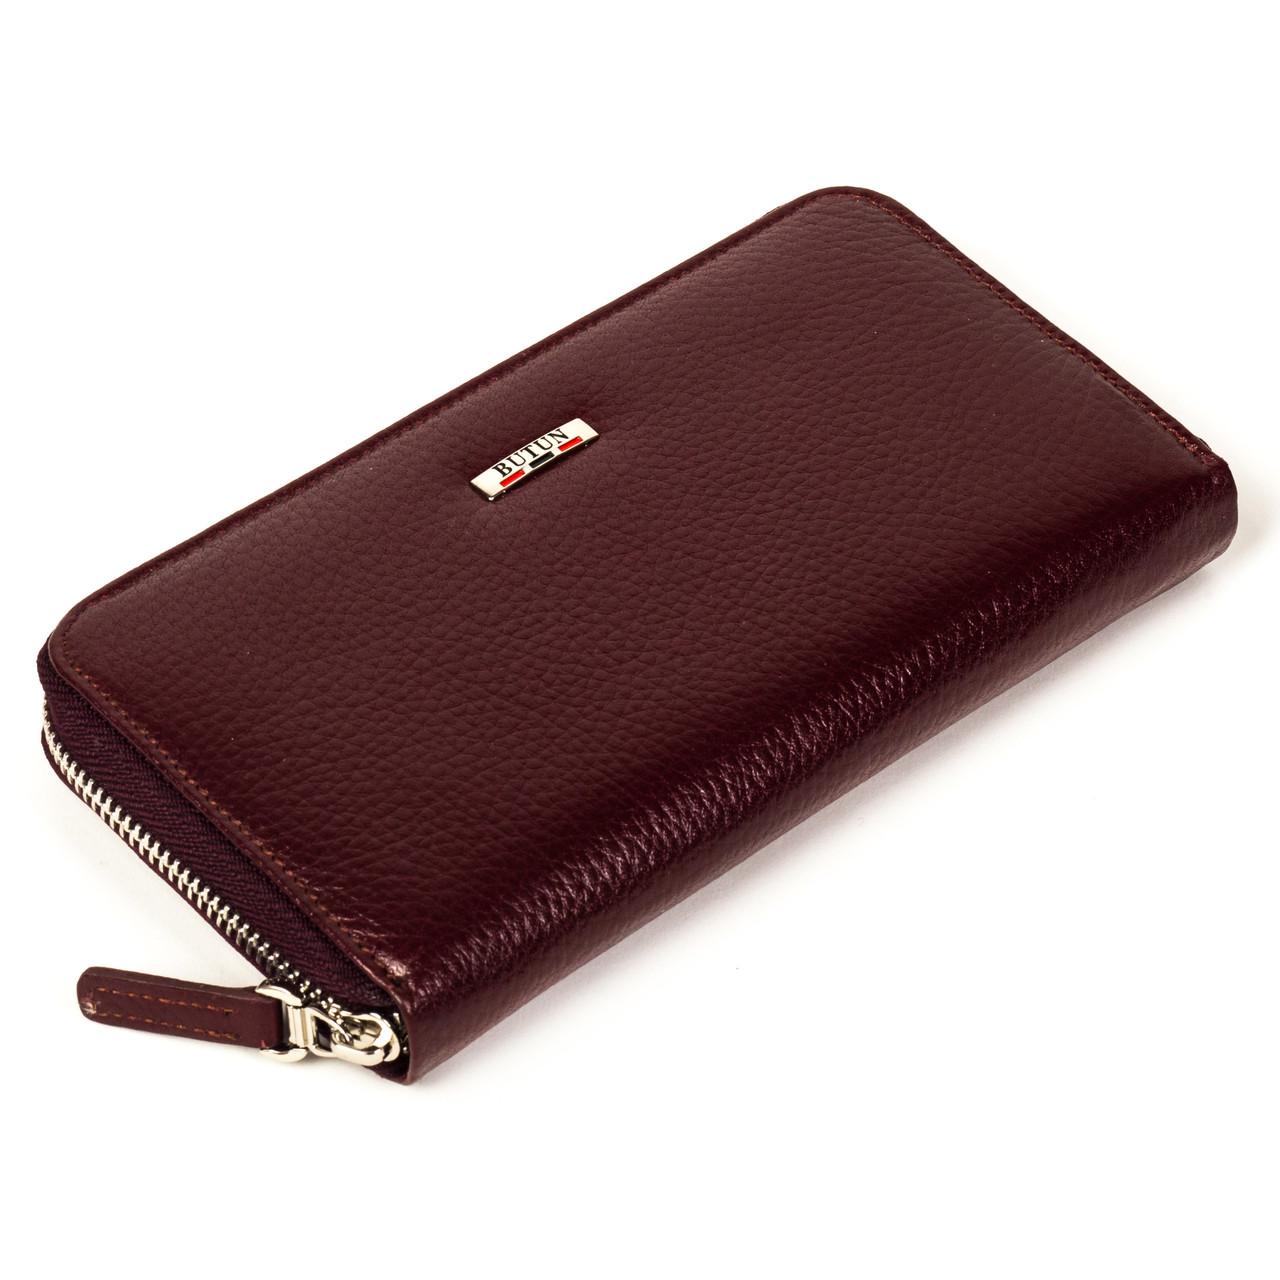 Женский кошелек Butun 639-004-002 кожаный бордовый